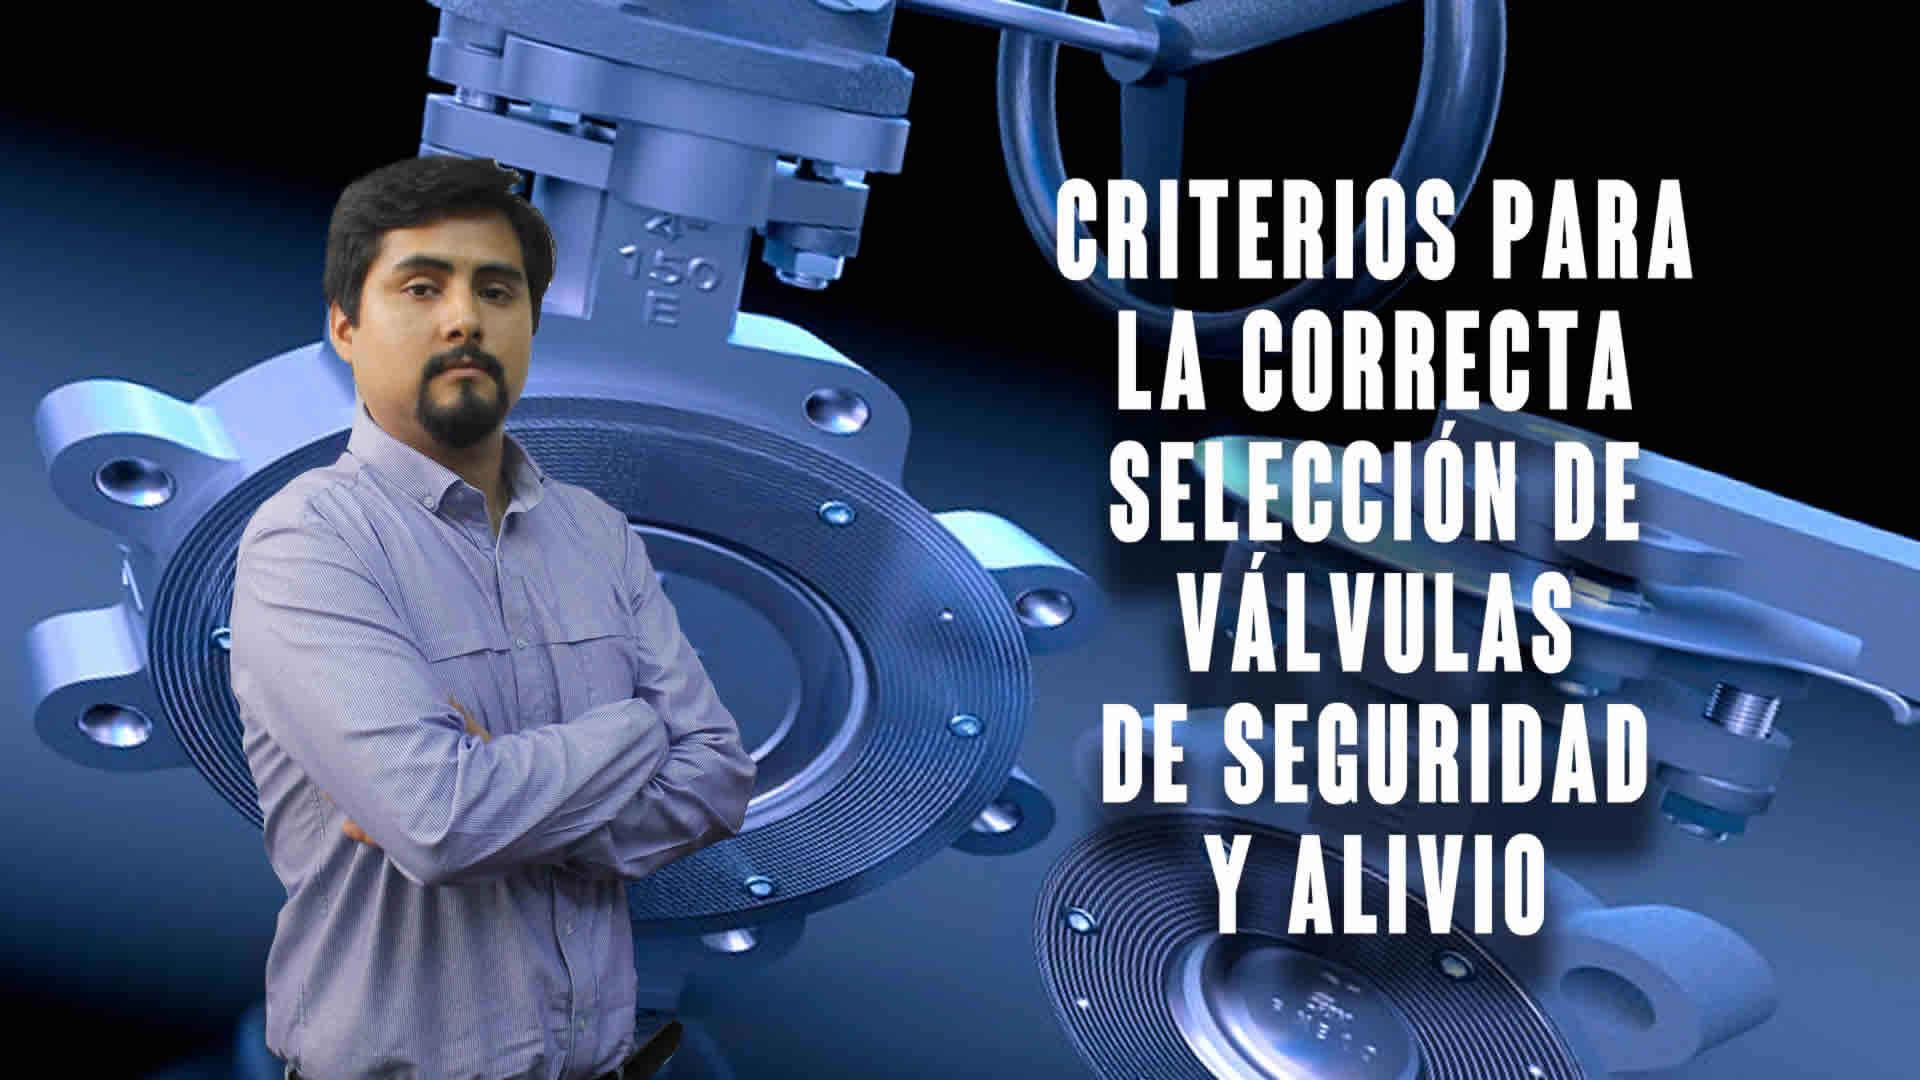 Criterios para la correcta selección de válvulas de seguridad y alivio